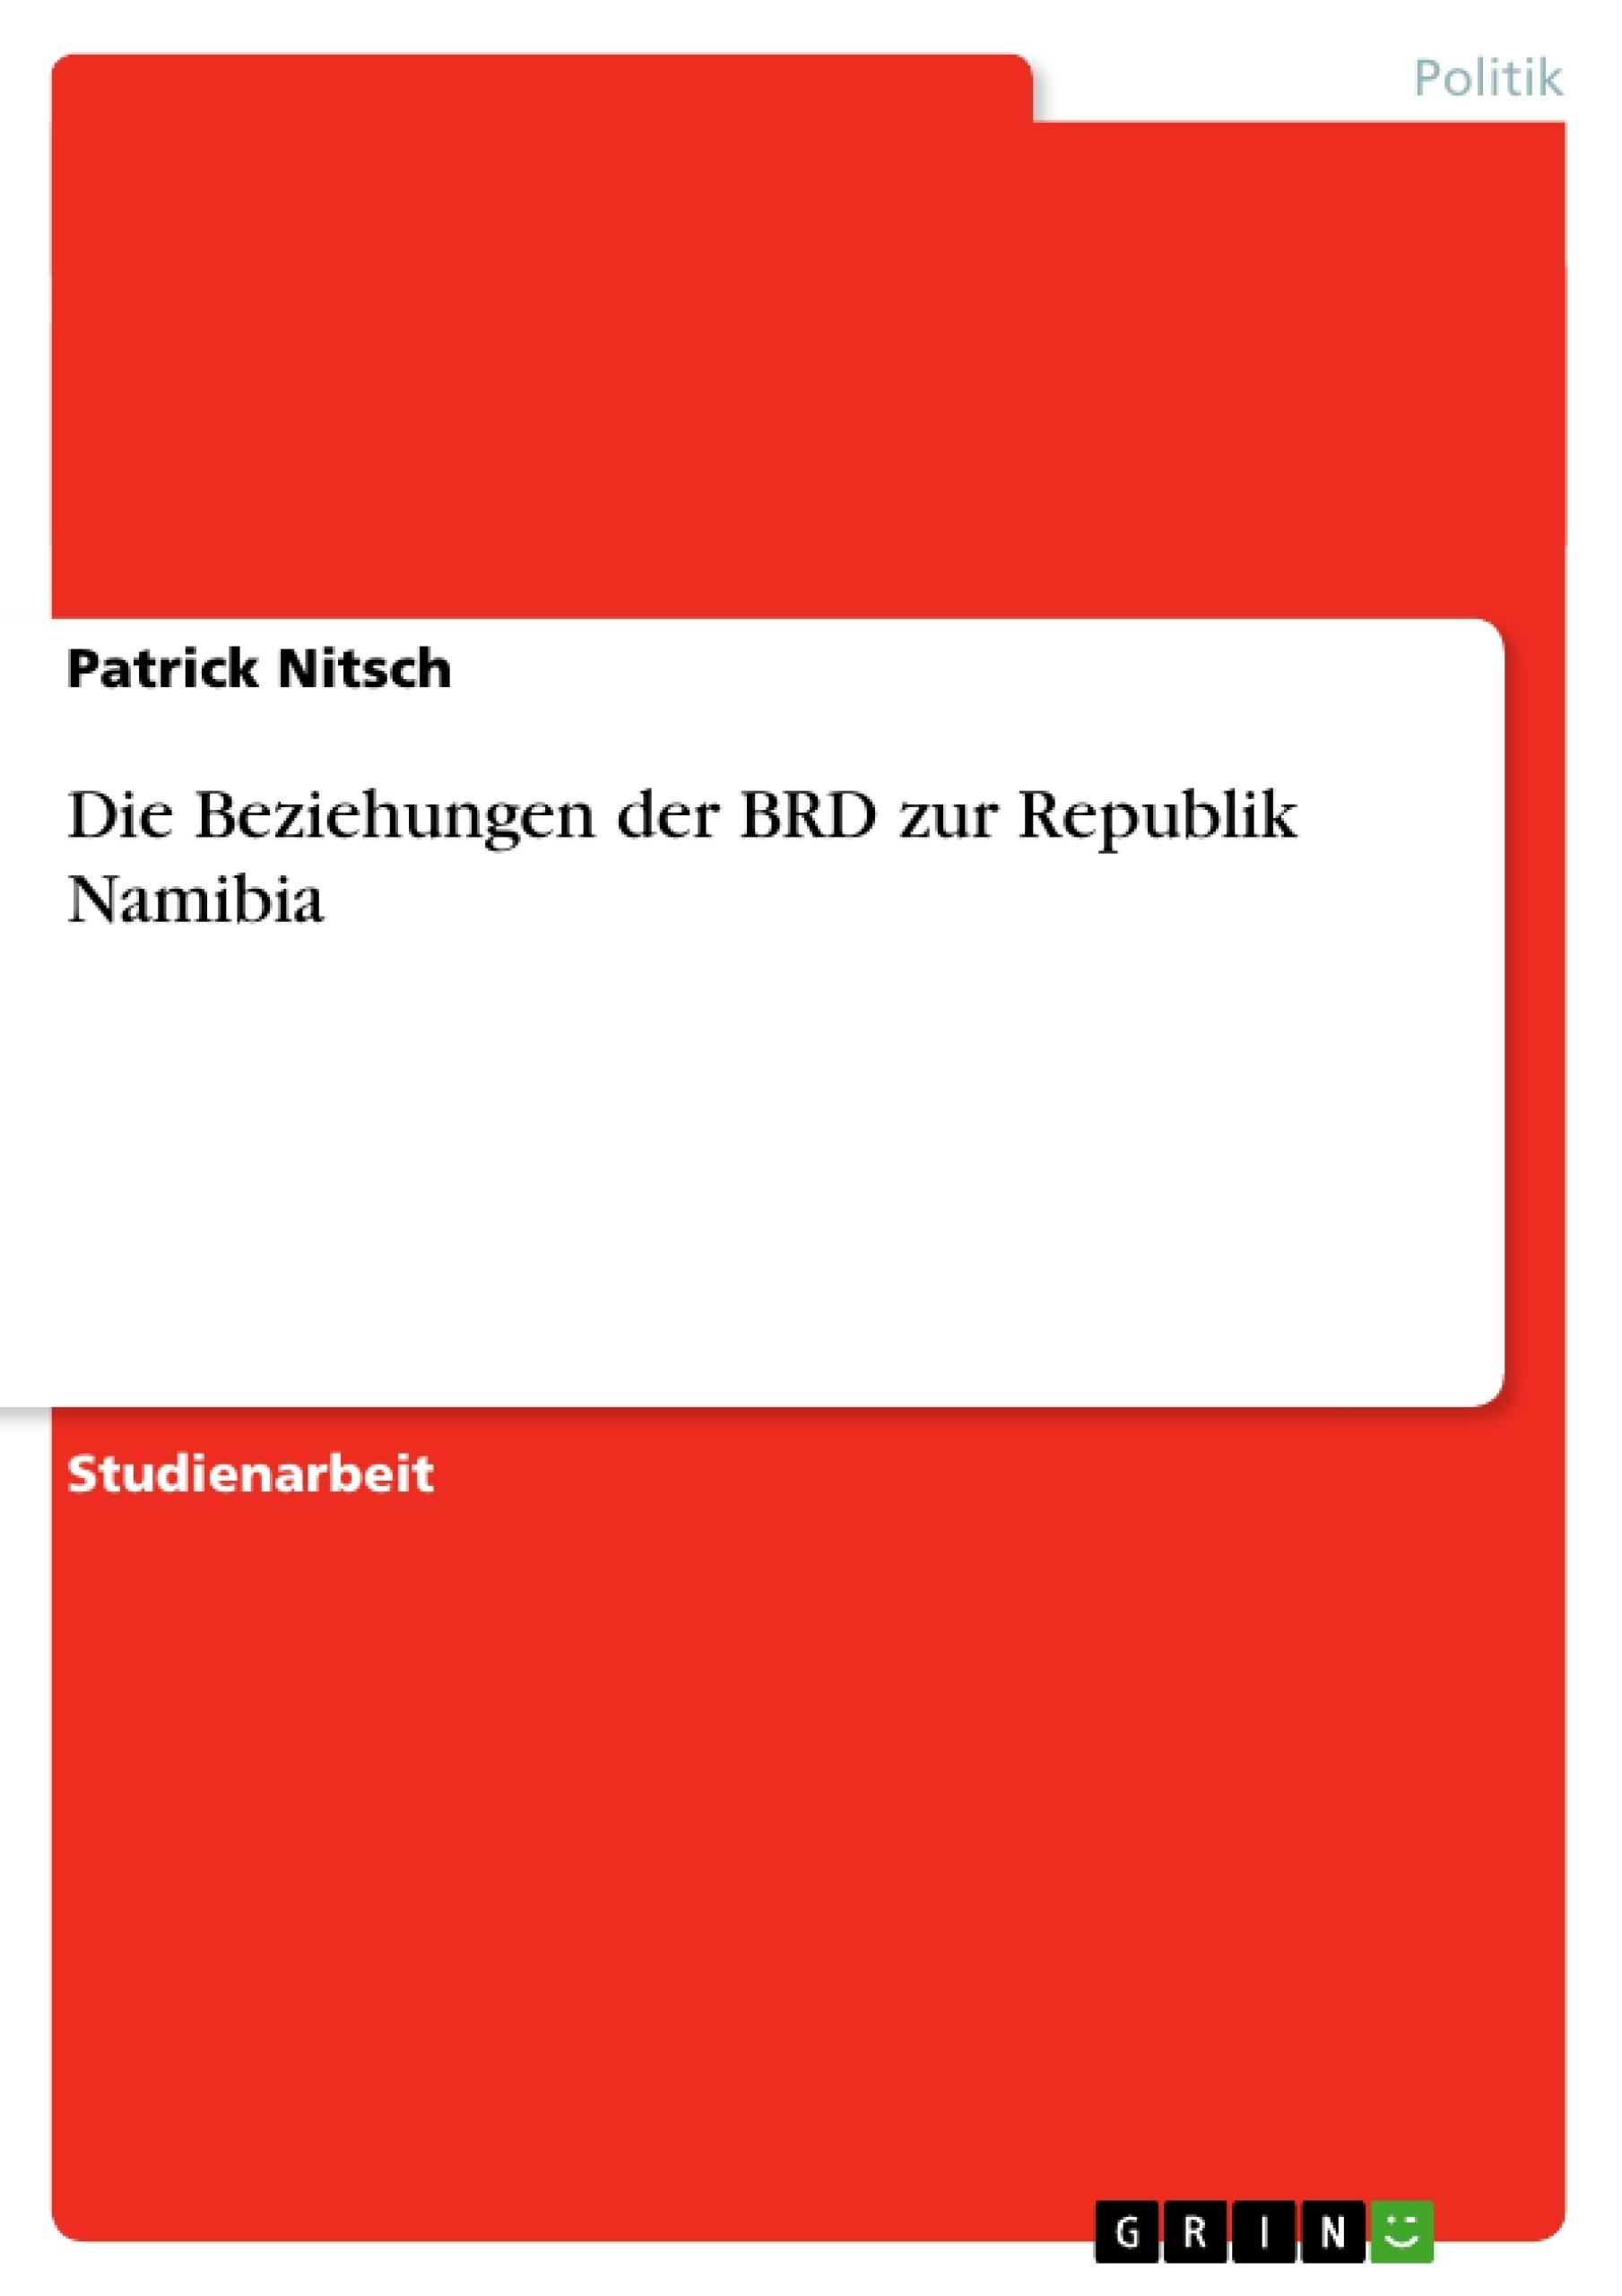 Titel: Die Beziehungen der BRD zur Republik Namibia